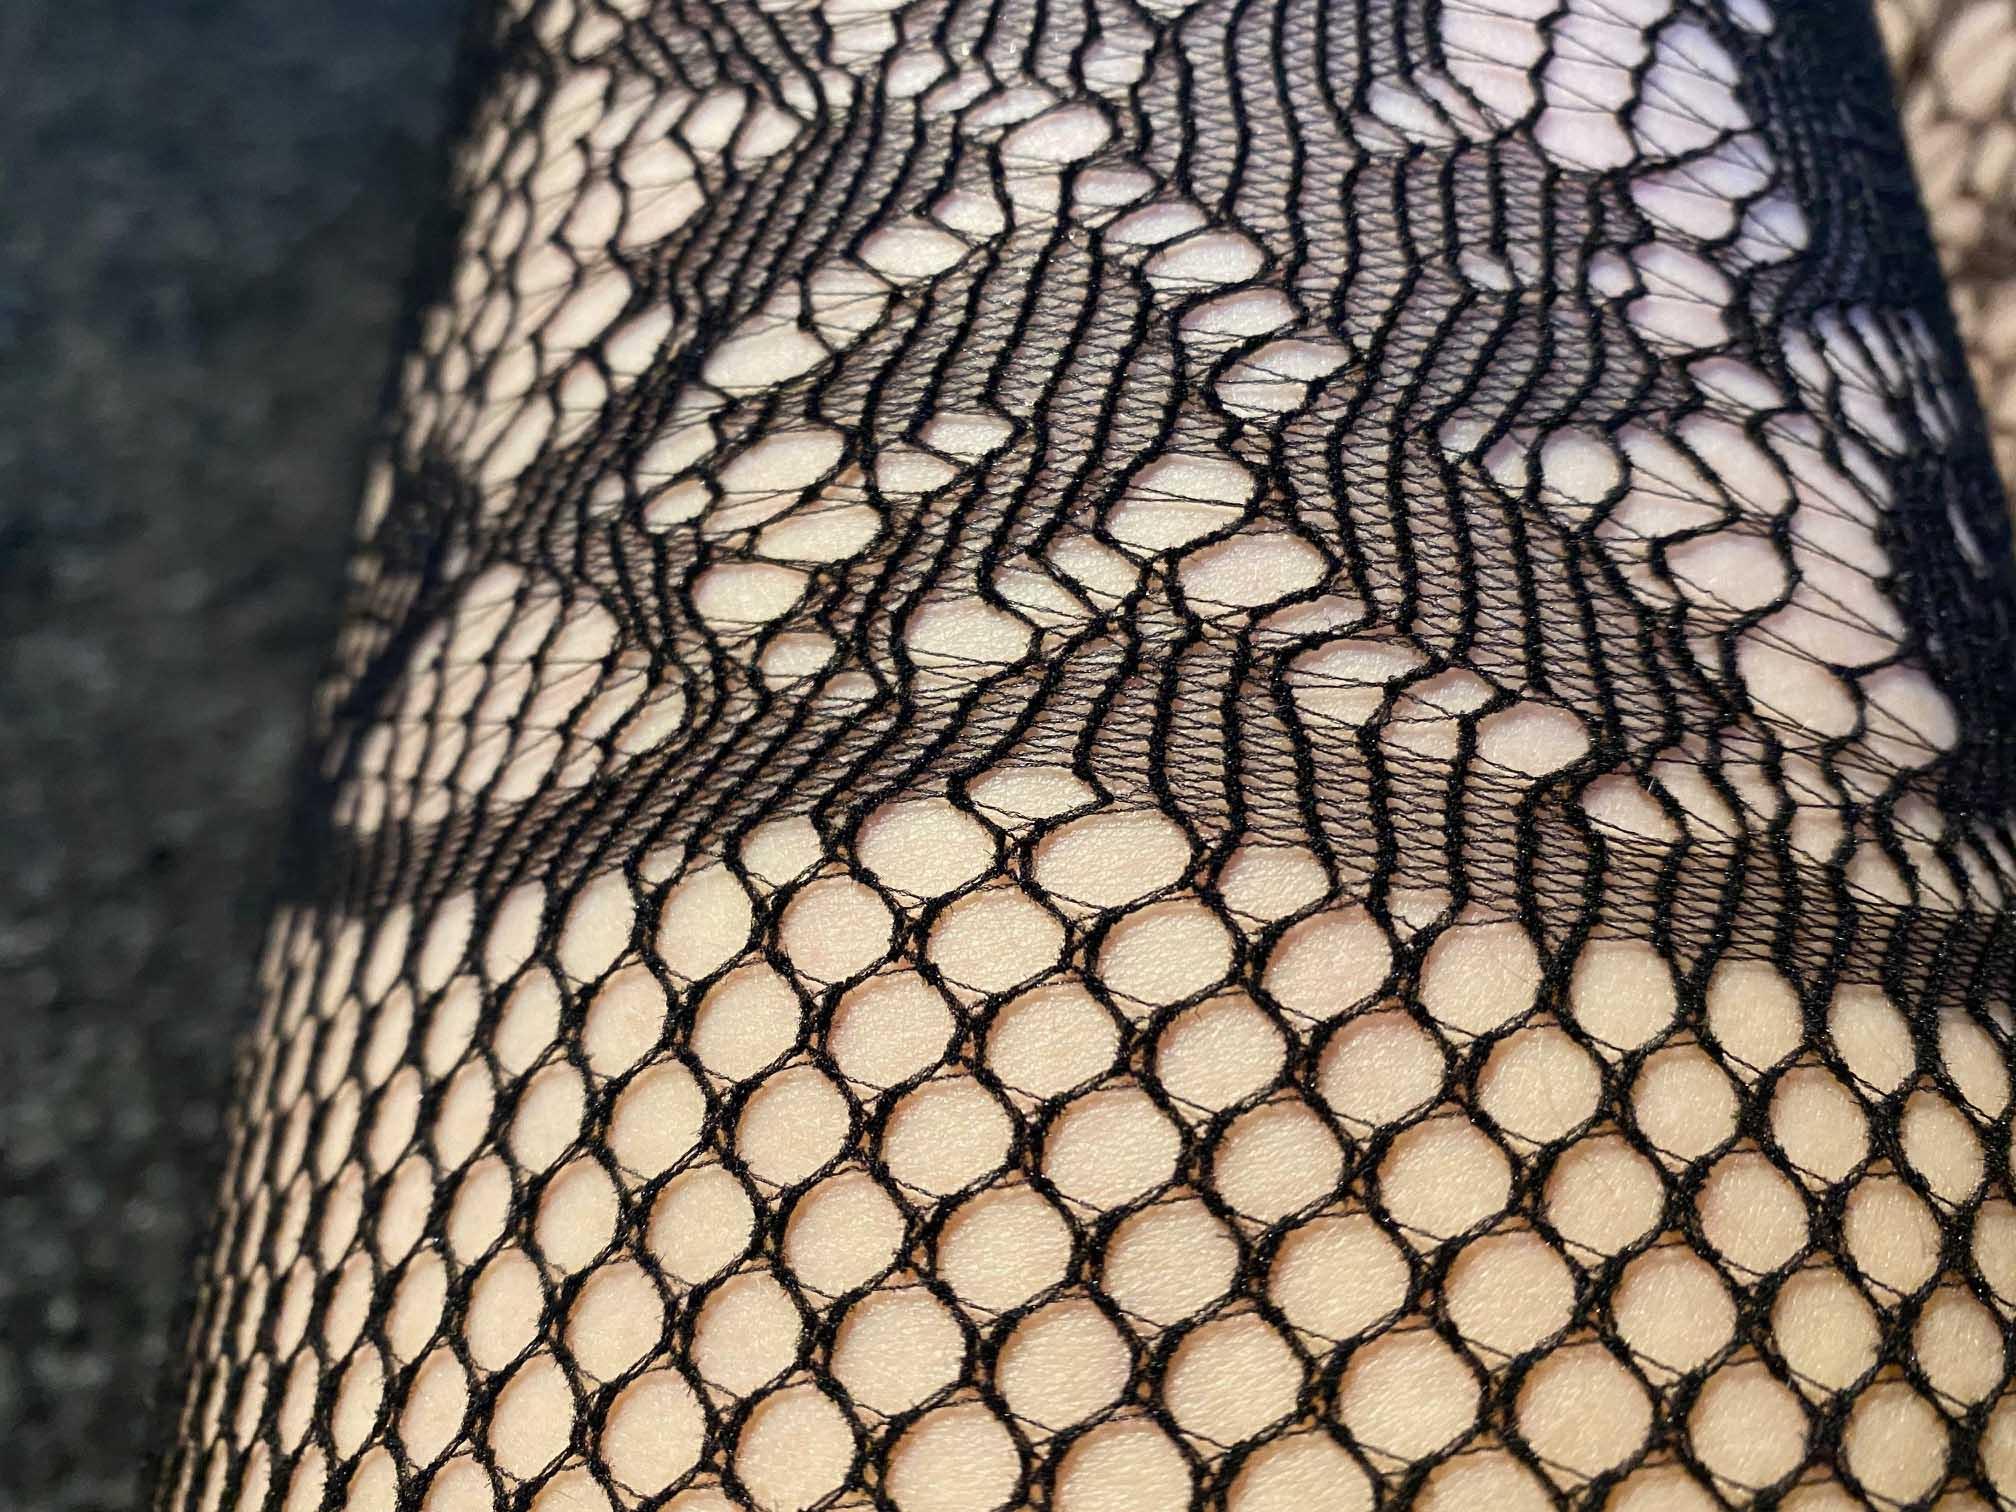 Beindetail der Fifty Shades of Grey Captivate Spanking-Bodystocking aus Spitze